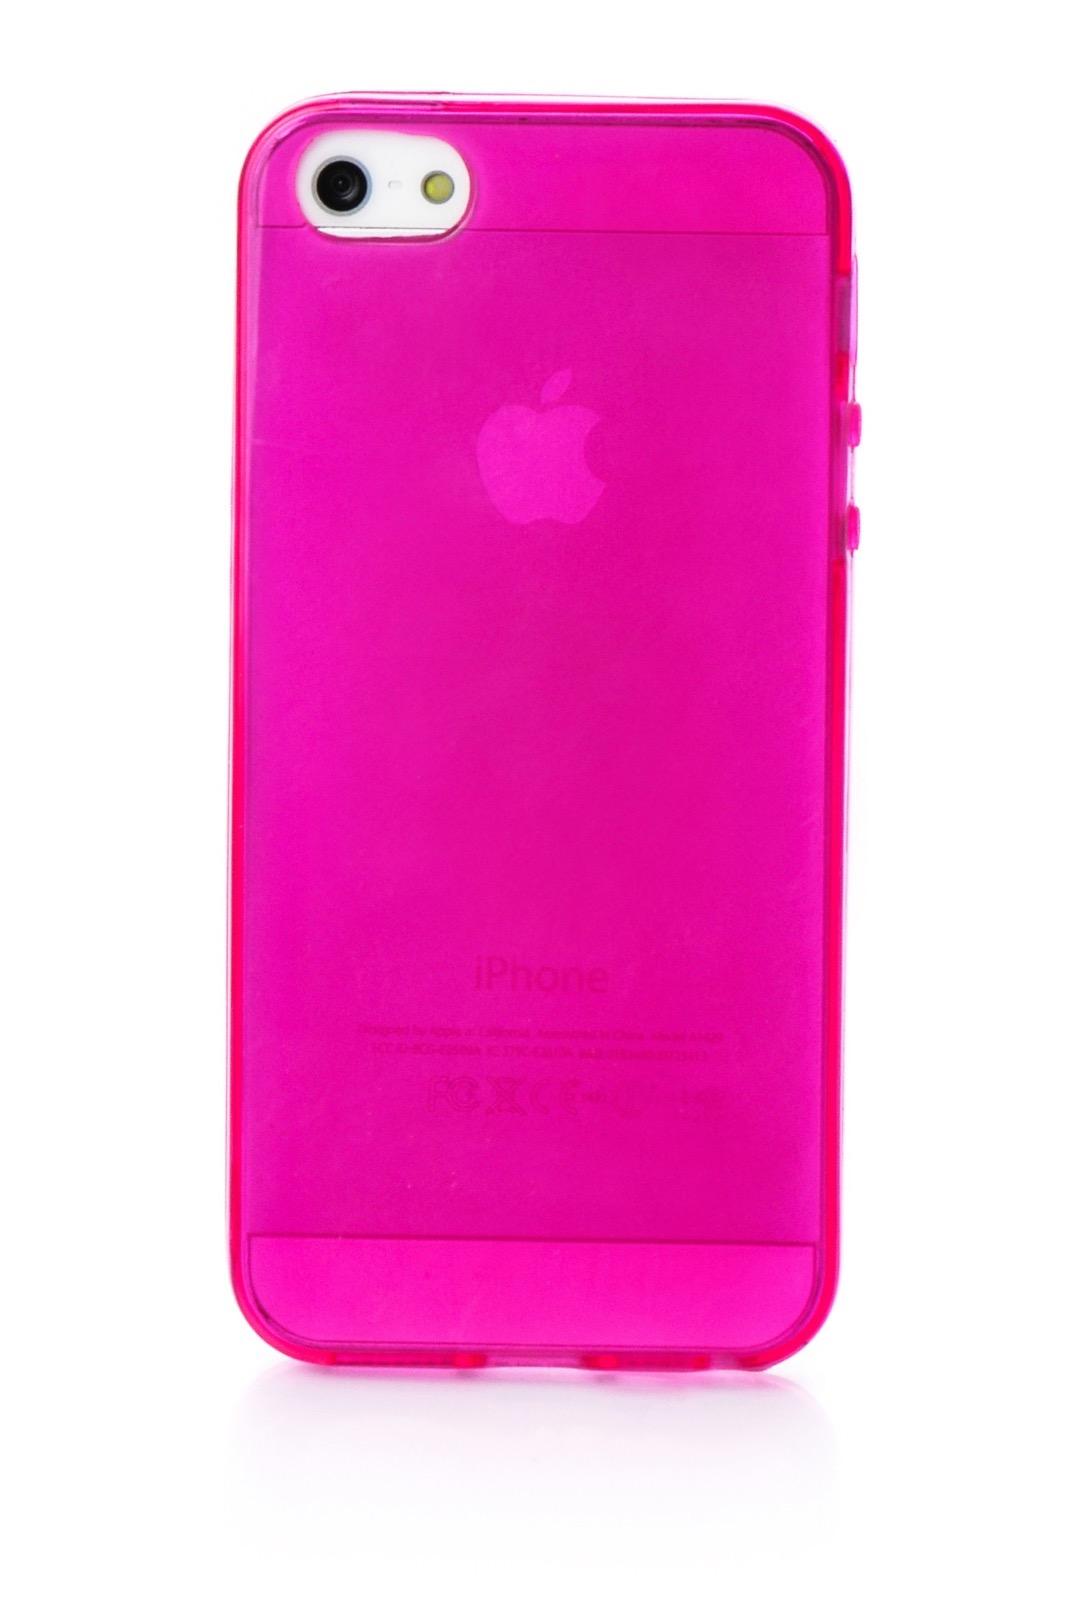 Чехол для сотового телефона iNeez накладка силиконовый глянцевый 400198 для Apple iPhone 5/5S/SE, темно-розовый